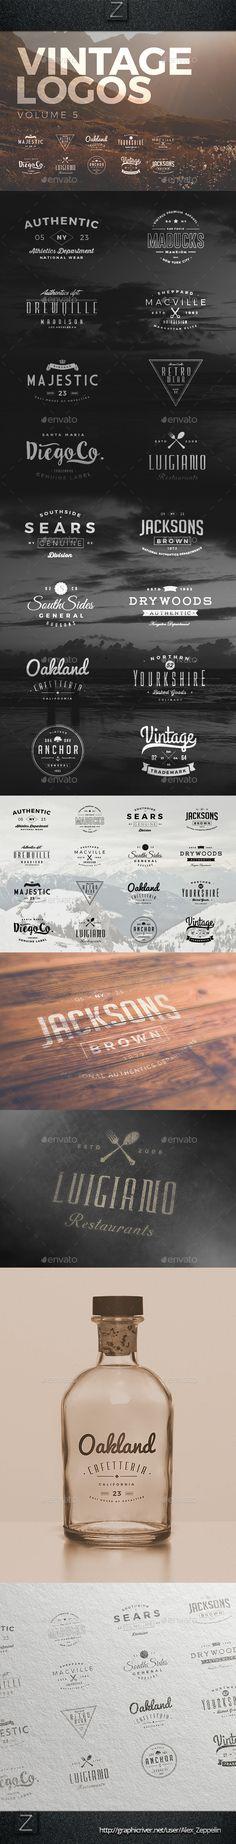 Vintage Logos #vintagelogos Download: http://graphicriver.net/item/vintage-logos-set-5/10514094?ref=ksioks